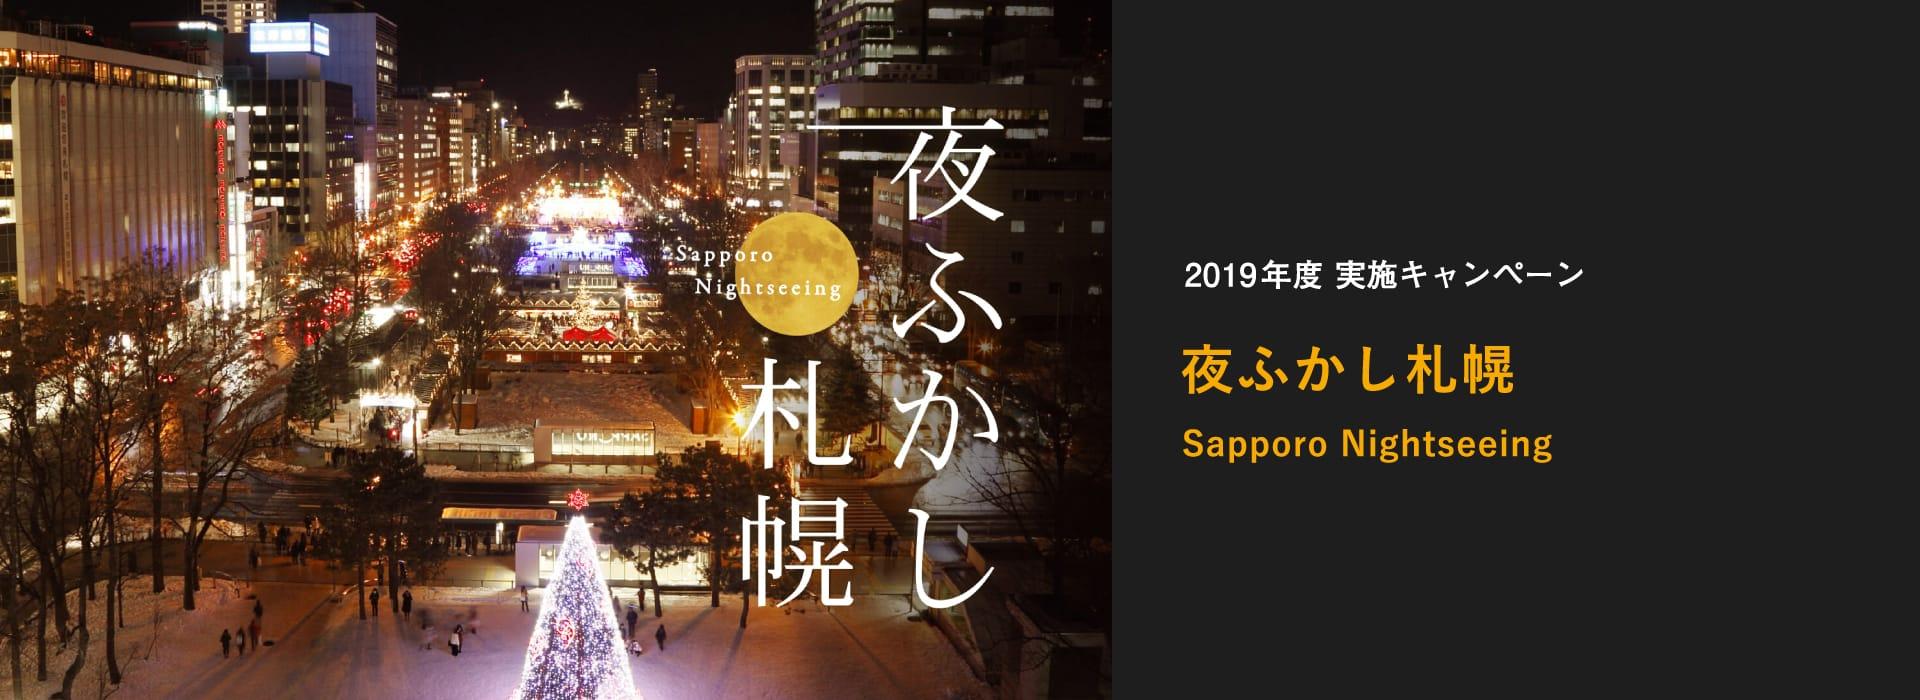 札幌夜景観光ガイド 夜ふかし札幌